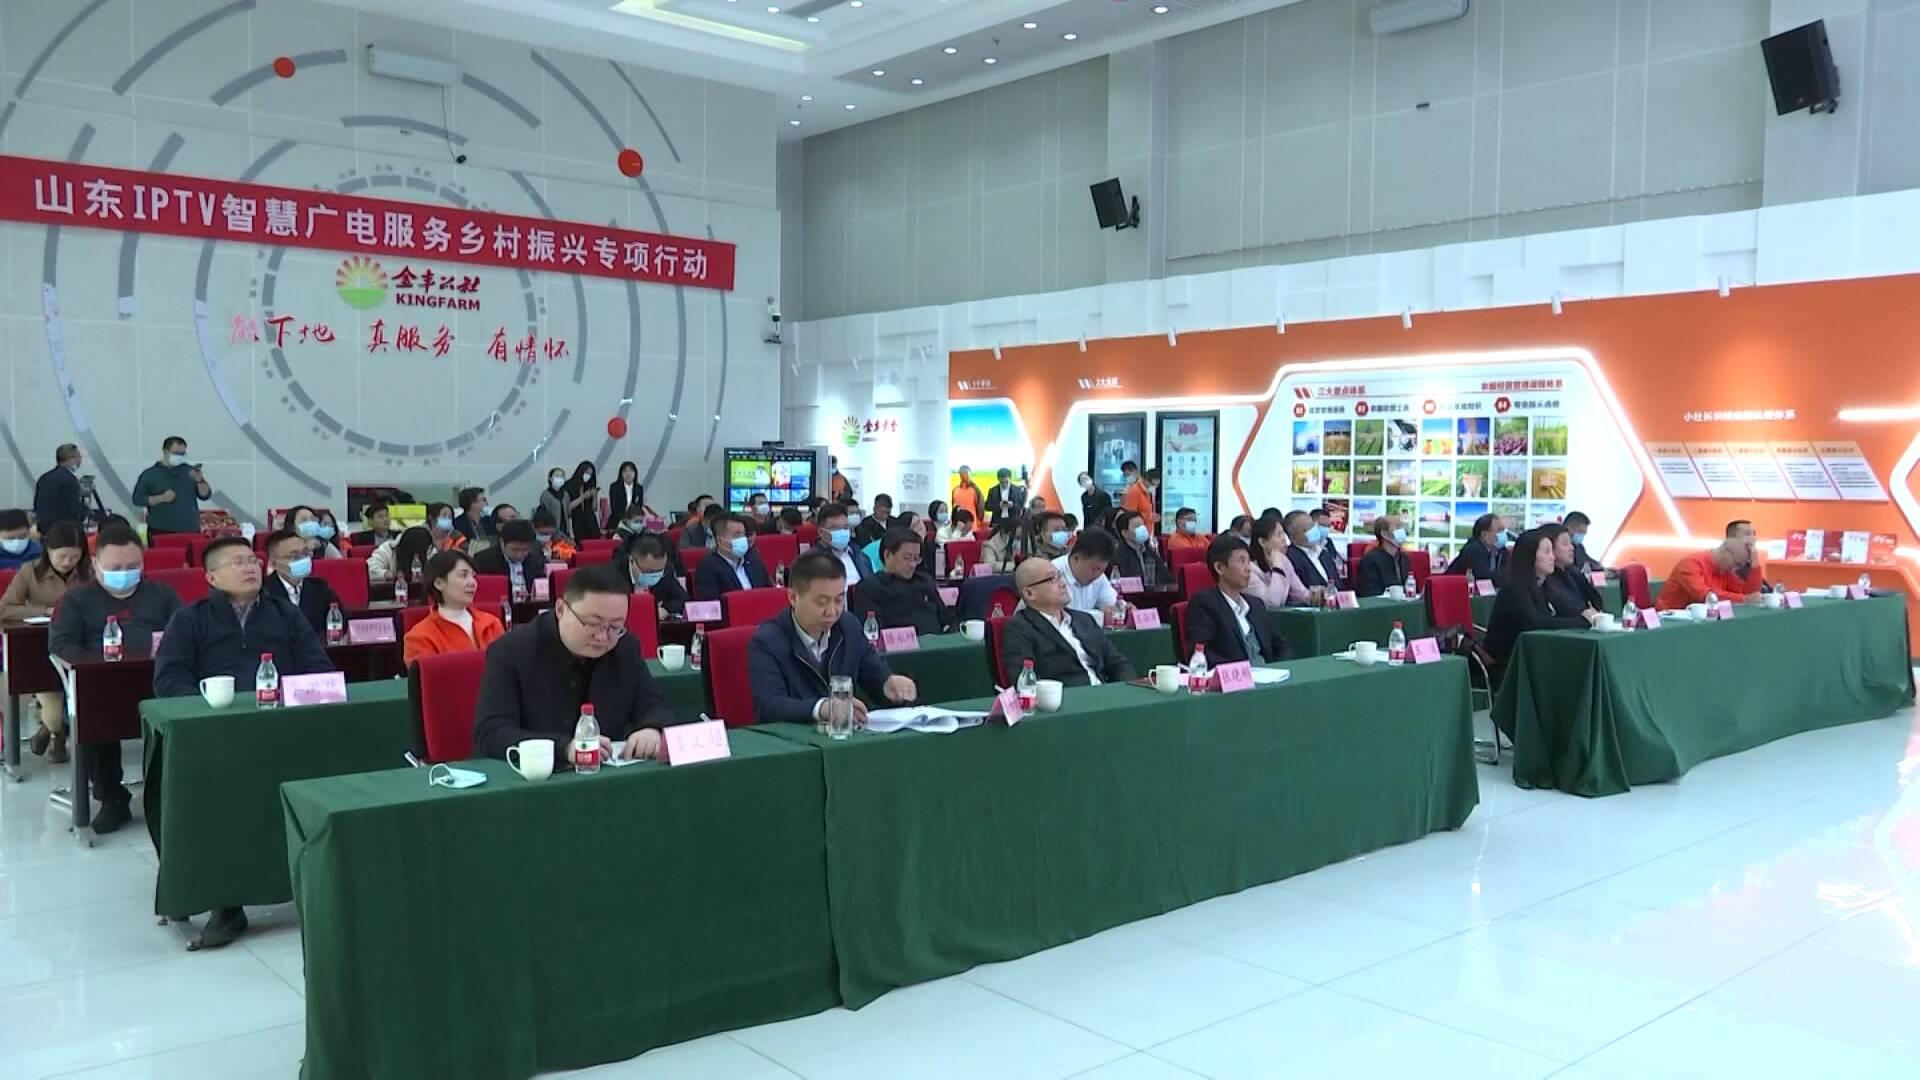 山東IPTV智慧廣電服務鄉(xiang)村振興(xing)專項行動在臨沂(yi)啟動